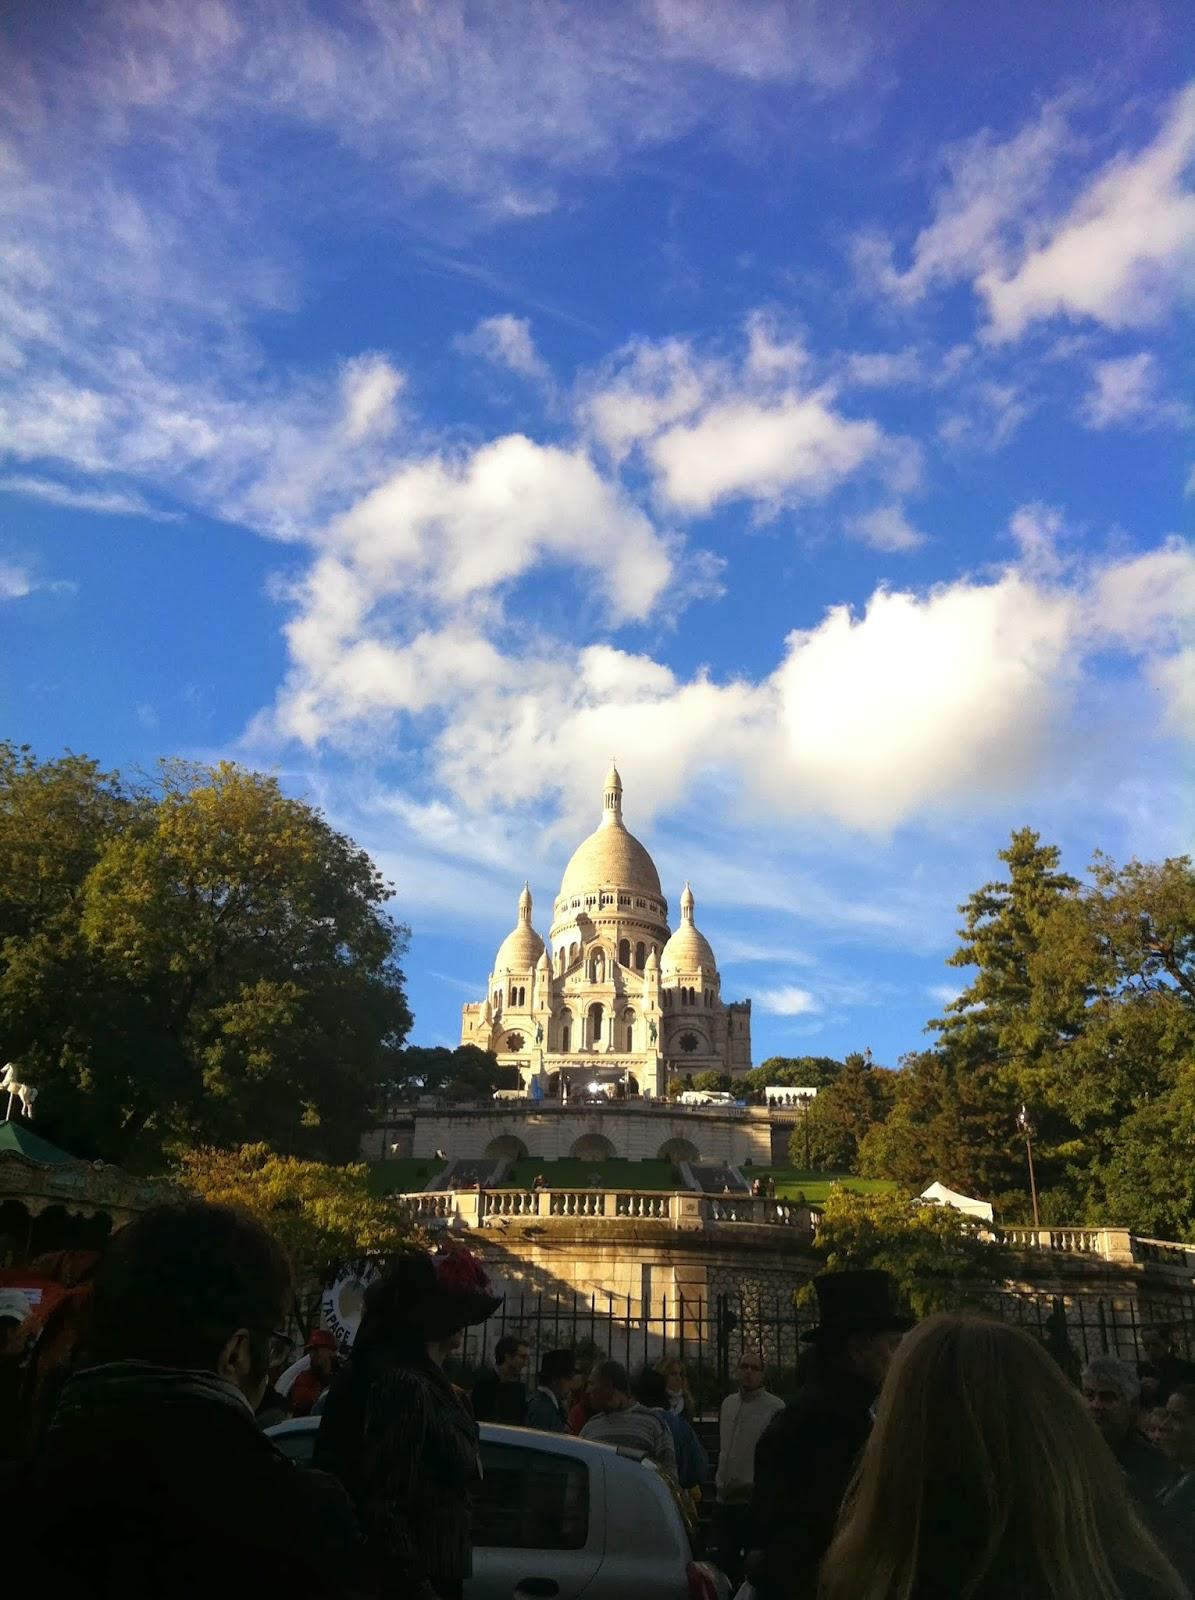 Basílica de Sacre Coeur en Paris